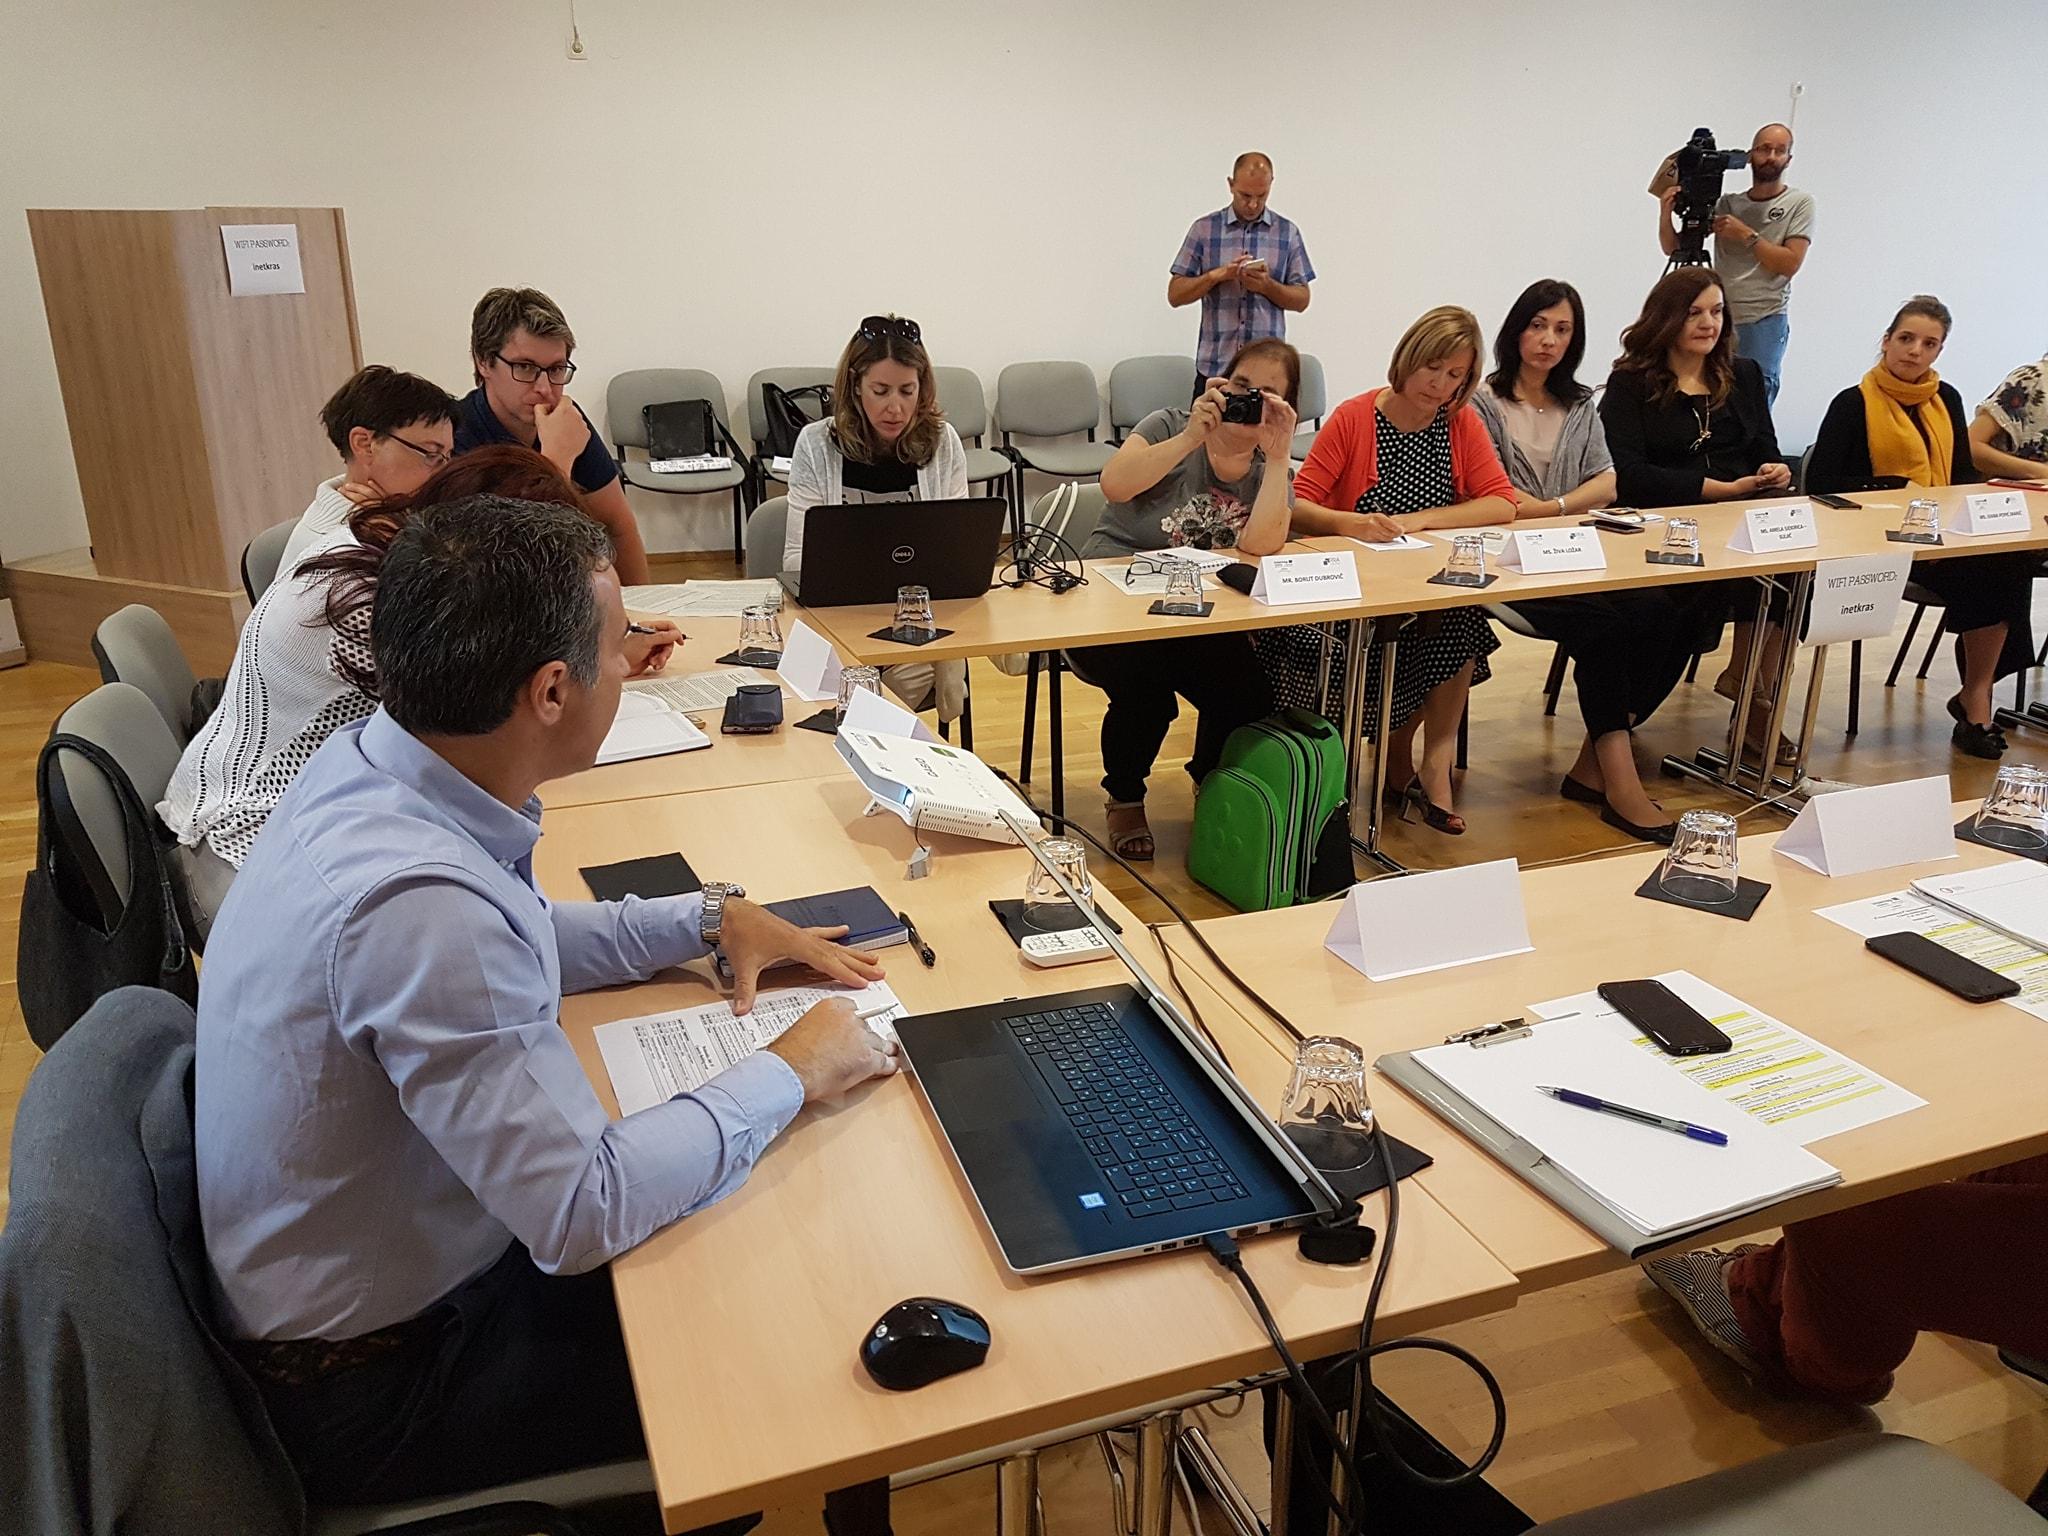 Περιφερειακό σύστημα καινοτομίας για τον τουρισμό της Αδριατικής μέσω του ευρωπαϊκού έργου InnoXenia – Επικεφαλής Εταίρος η Περιφέρεια Δυτικής Ελλάδας